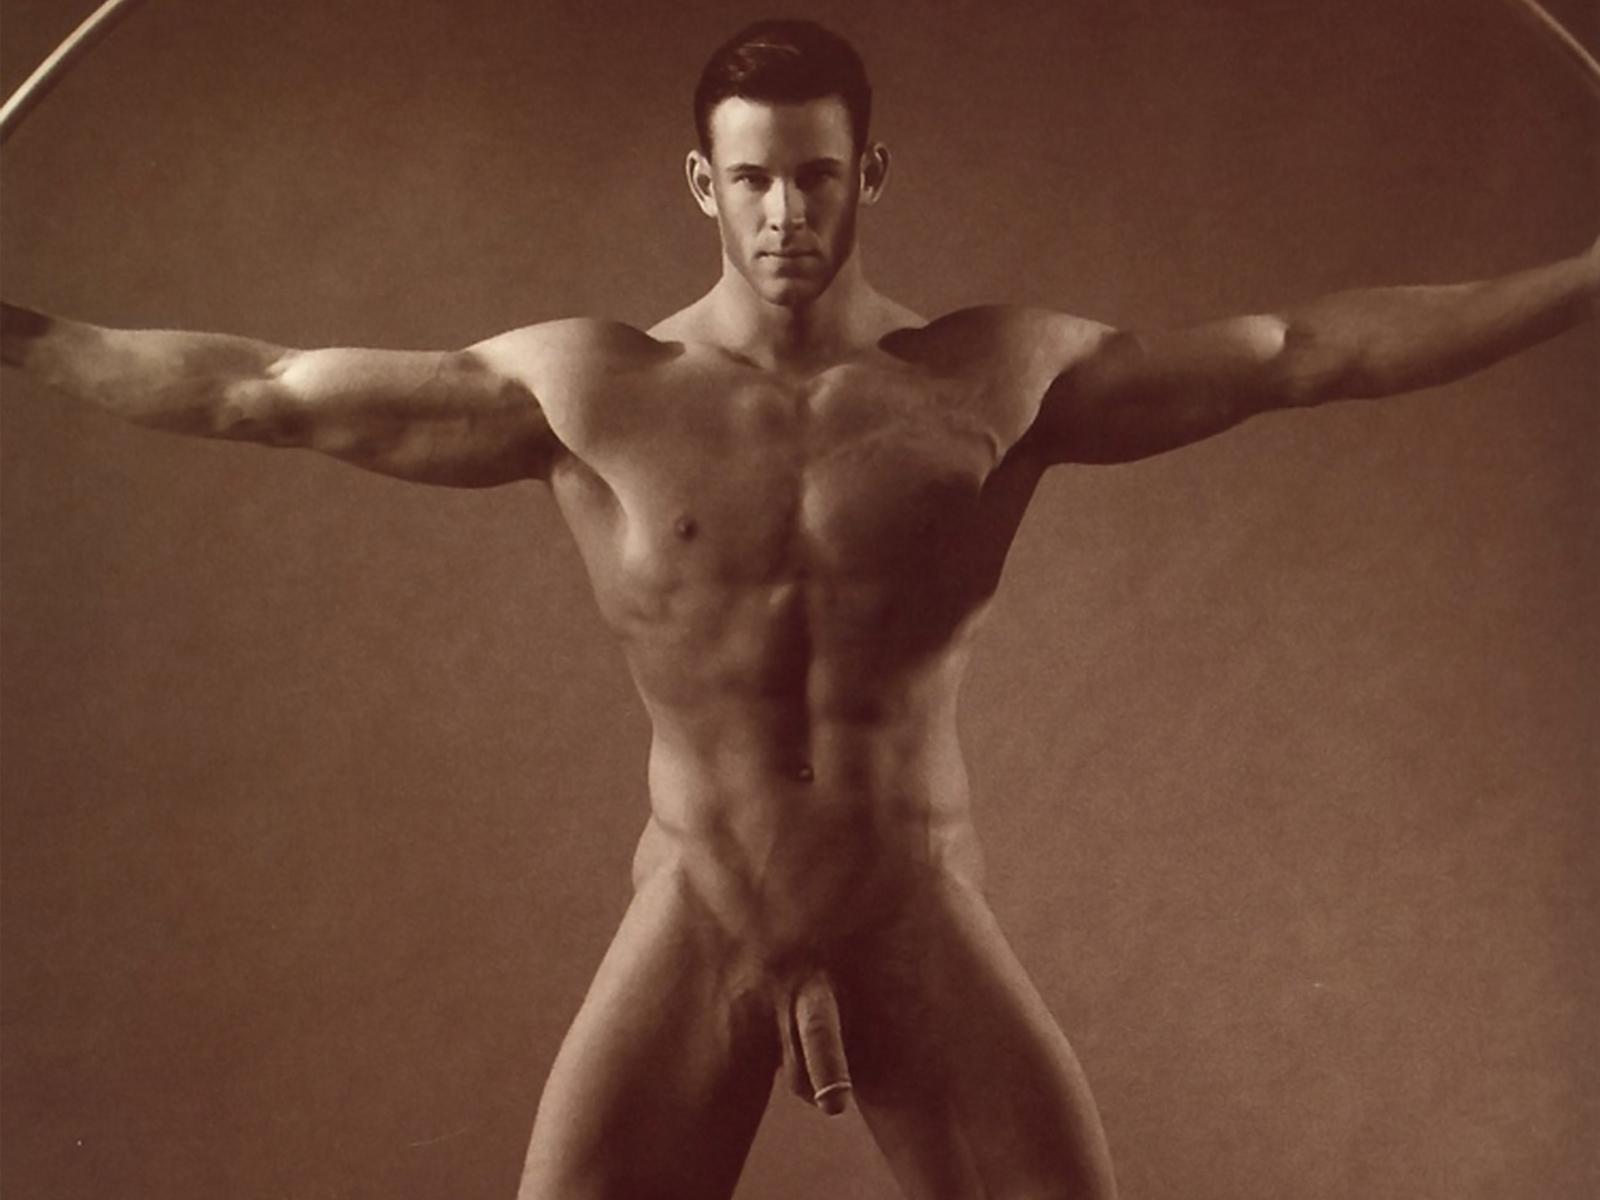 Эротика мужики голые, Голые парни: порно видео онлайн, смотреть порно на 9 фотография